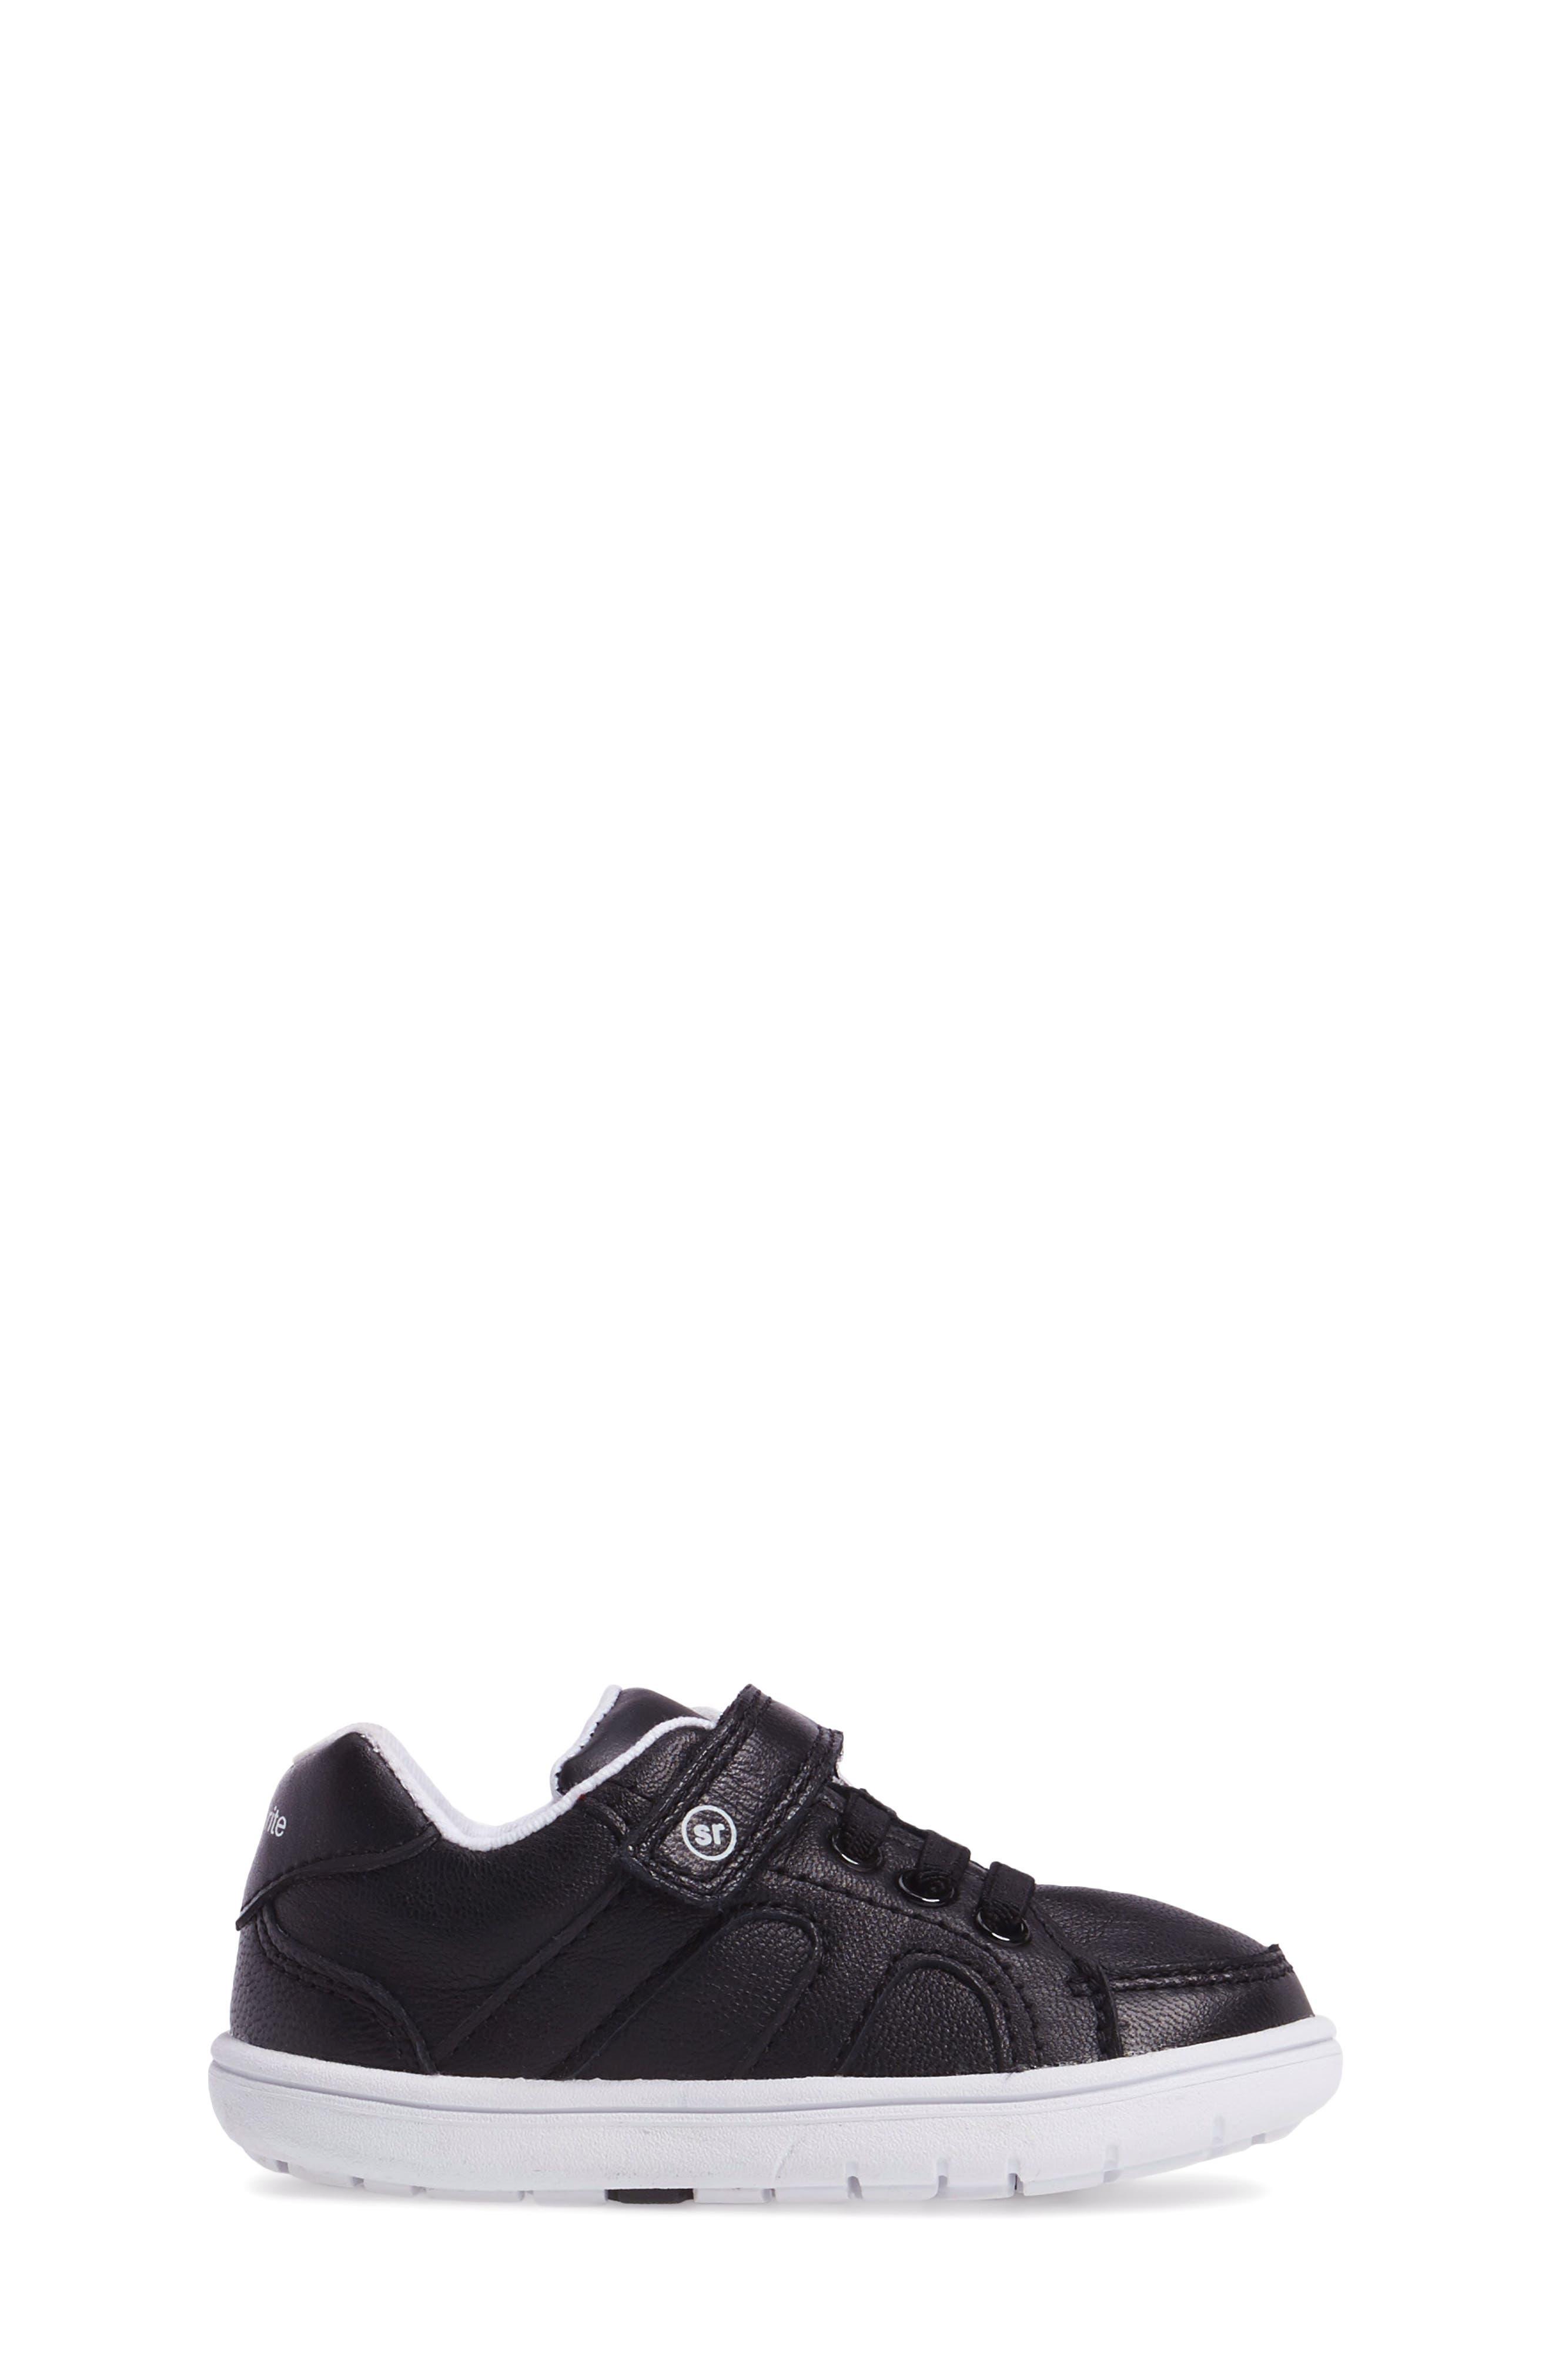 SRT Noe Sneaker,                             Alternate thumbnail 3, color,                             BLACK